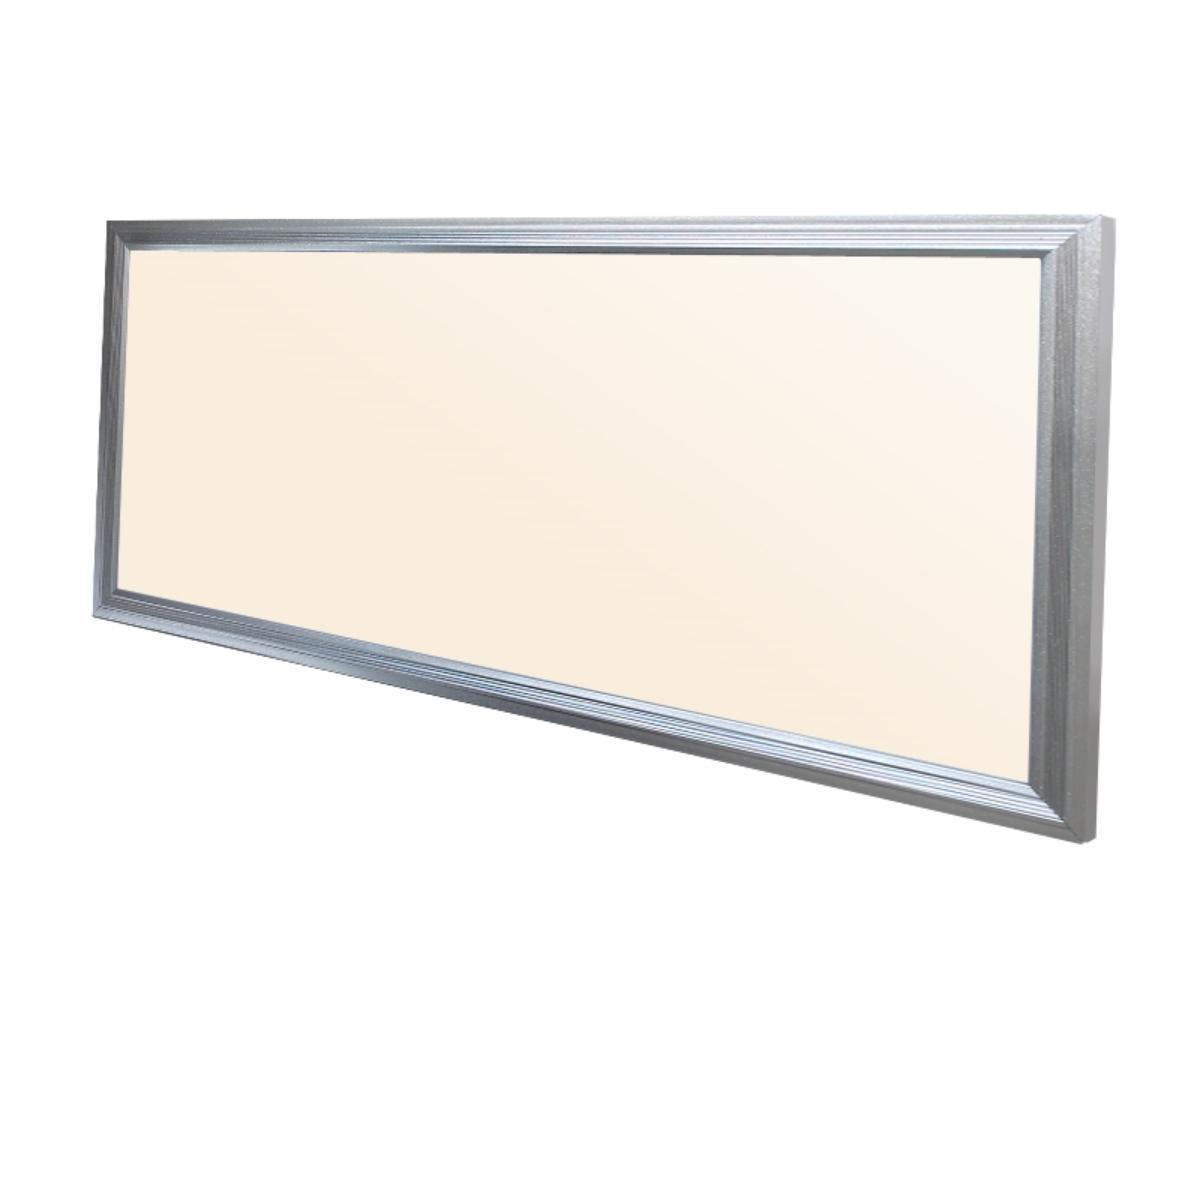 led panel 30x60cm 18w ultraslim pendelleuchte lampe deckenleuchte einbaustrahler ebay. Black Bedroom Furniture Sets. Home Design Ideas